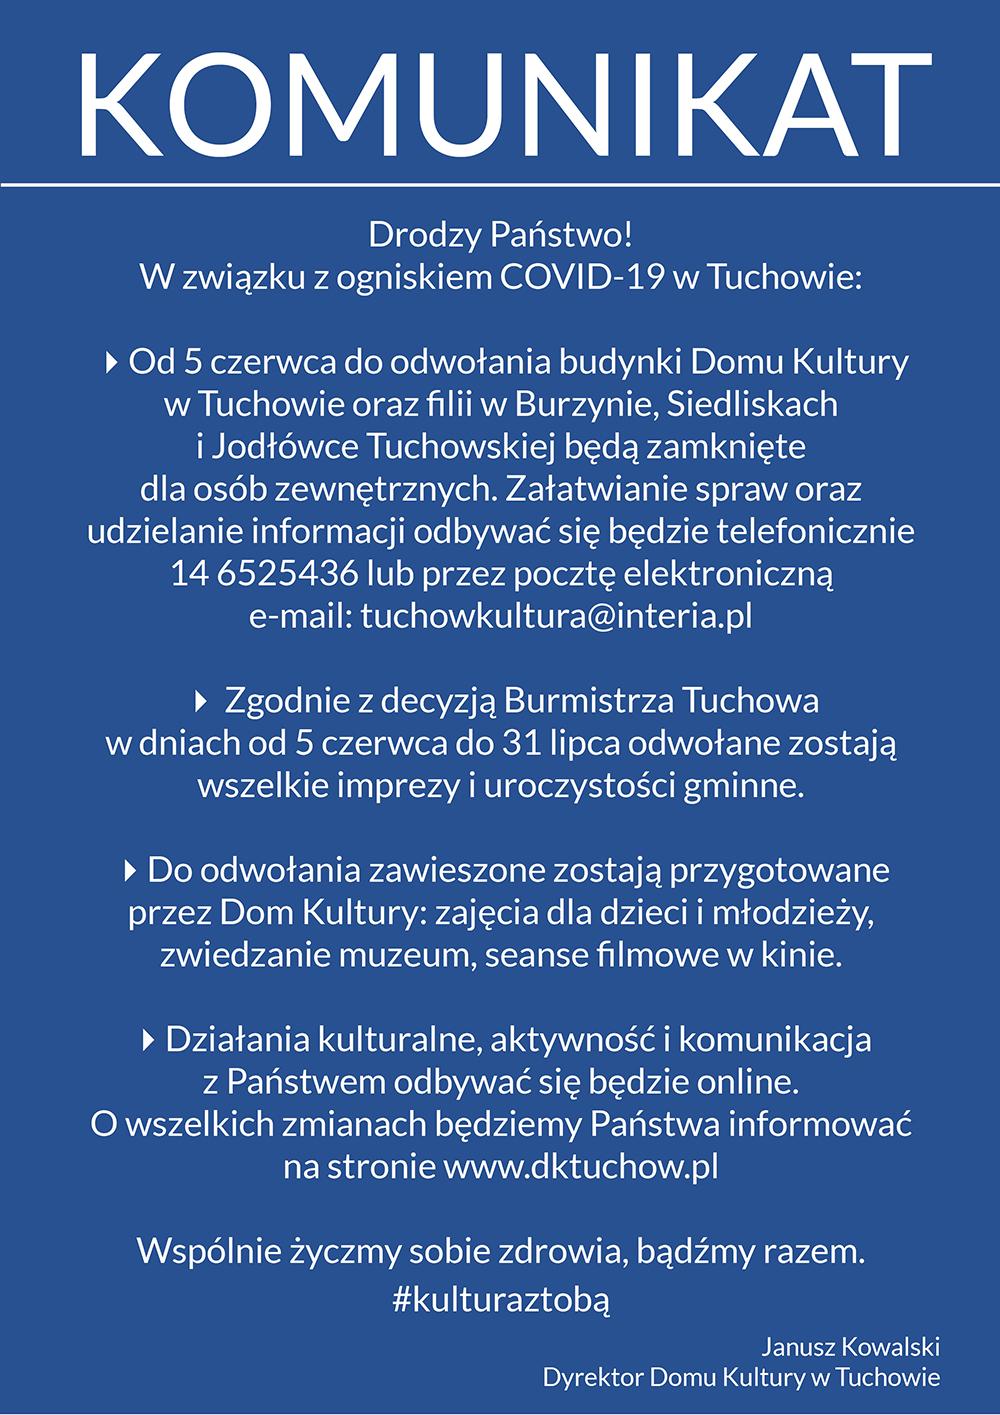 Dom Kultury w Tuchowie informuje o wprowadzonych środkach ostrożności z powodu zakażenia COVID-19!